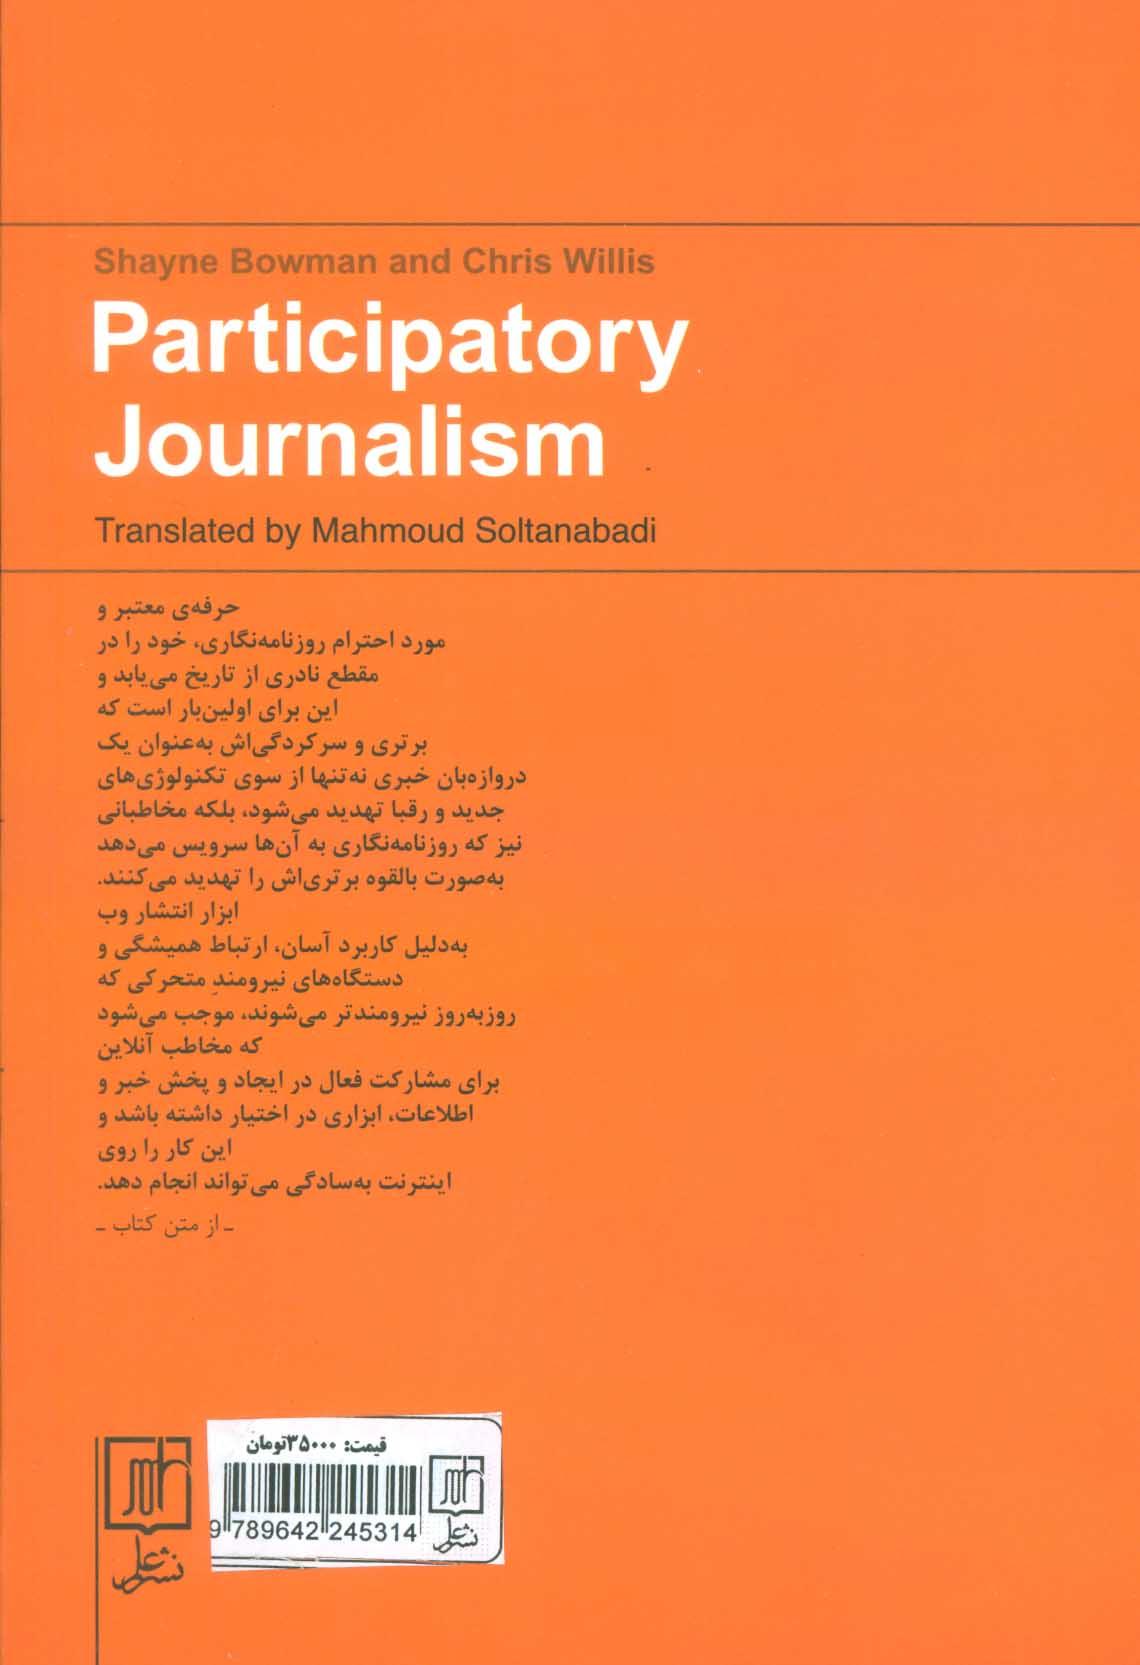 روزنامه نگاری مشارکتی